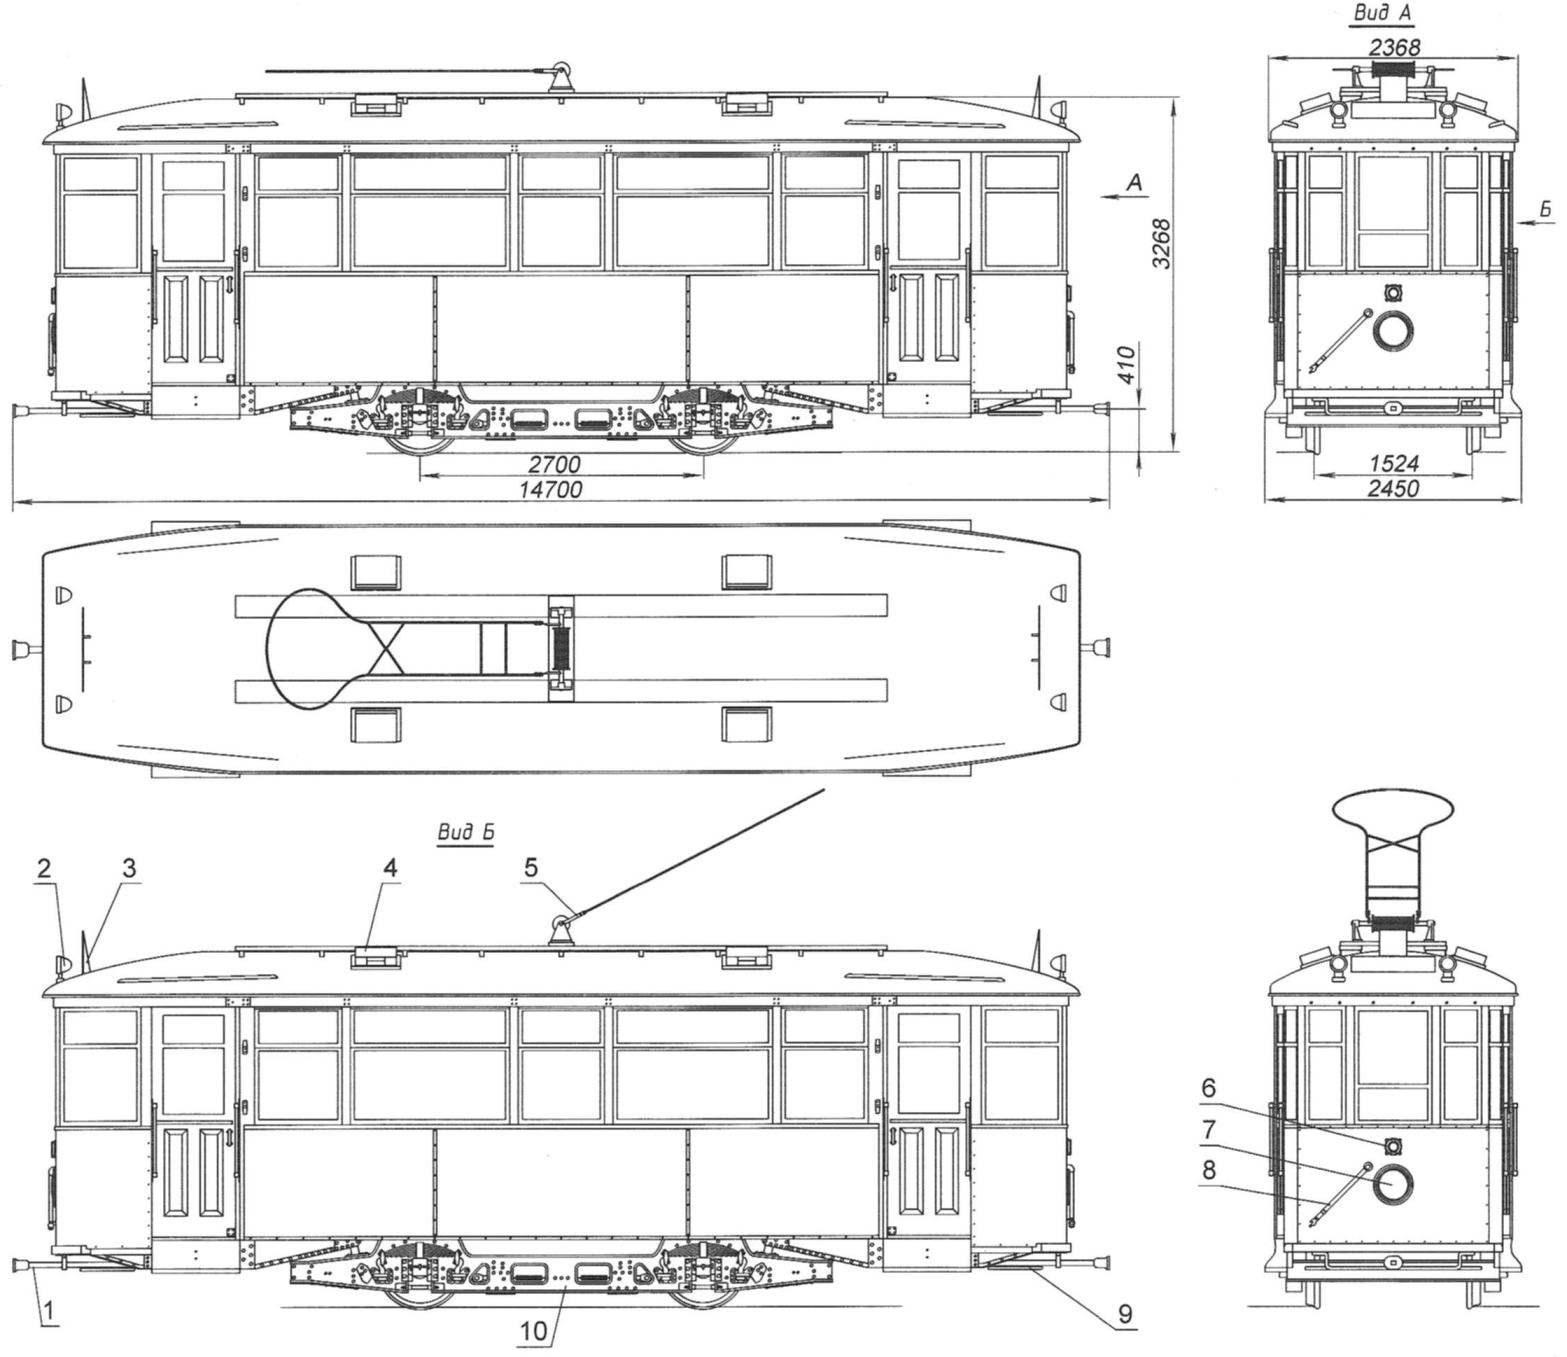 Моторный вагон МС-4